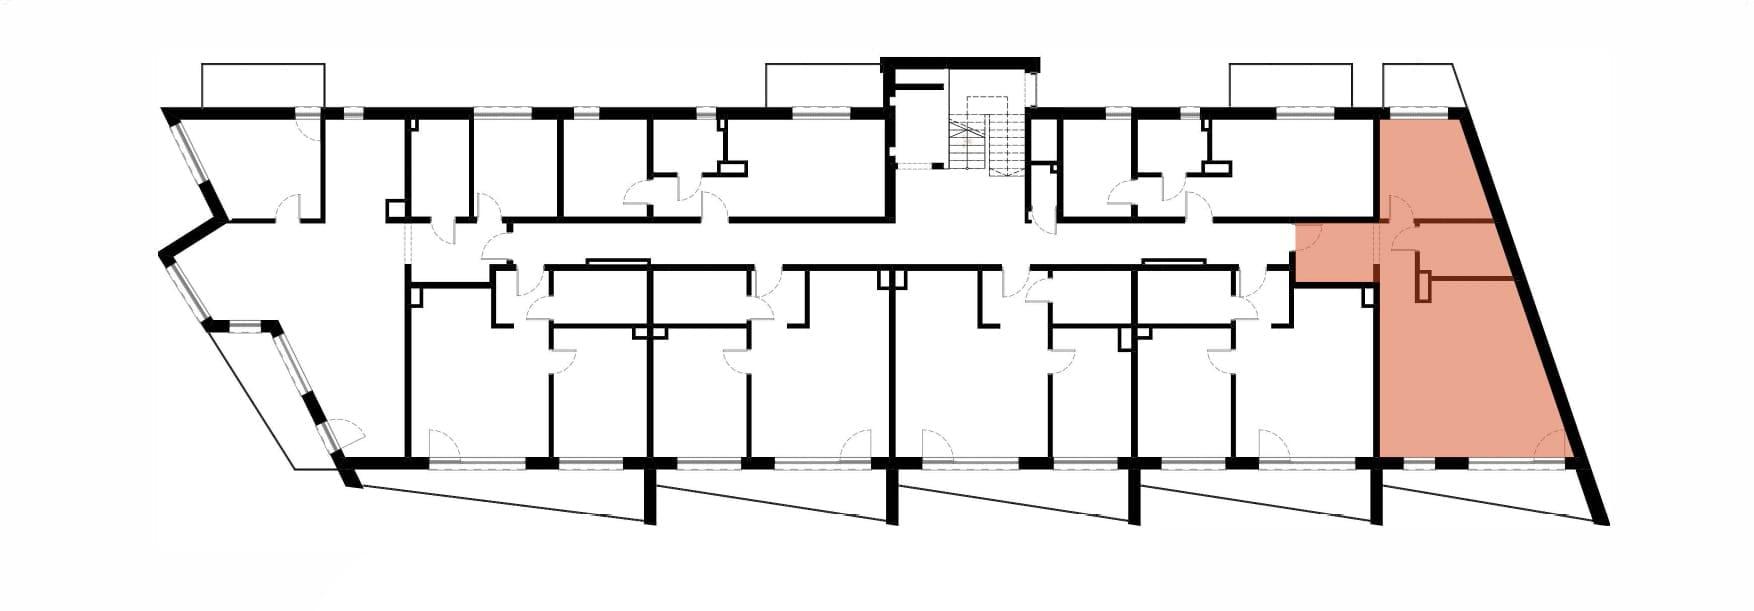 Apartamenty Kamienna / apartamenty inwestycyjne M09 rzut 2